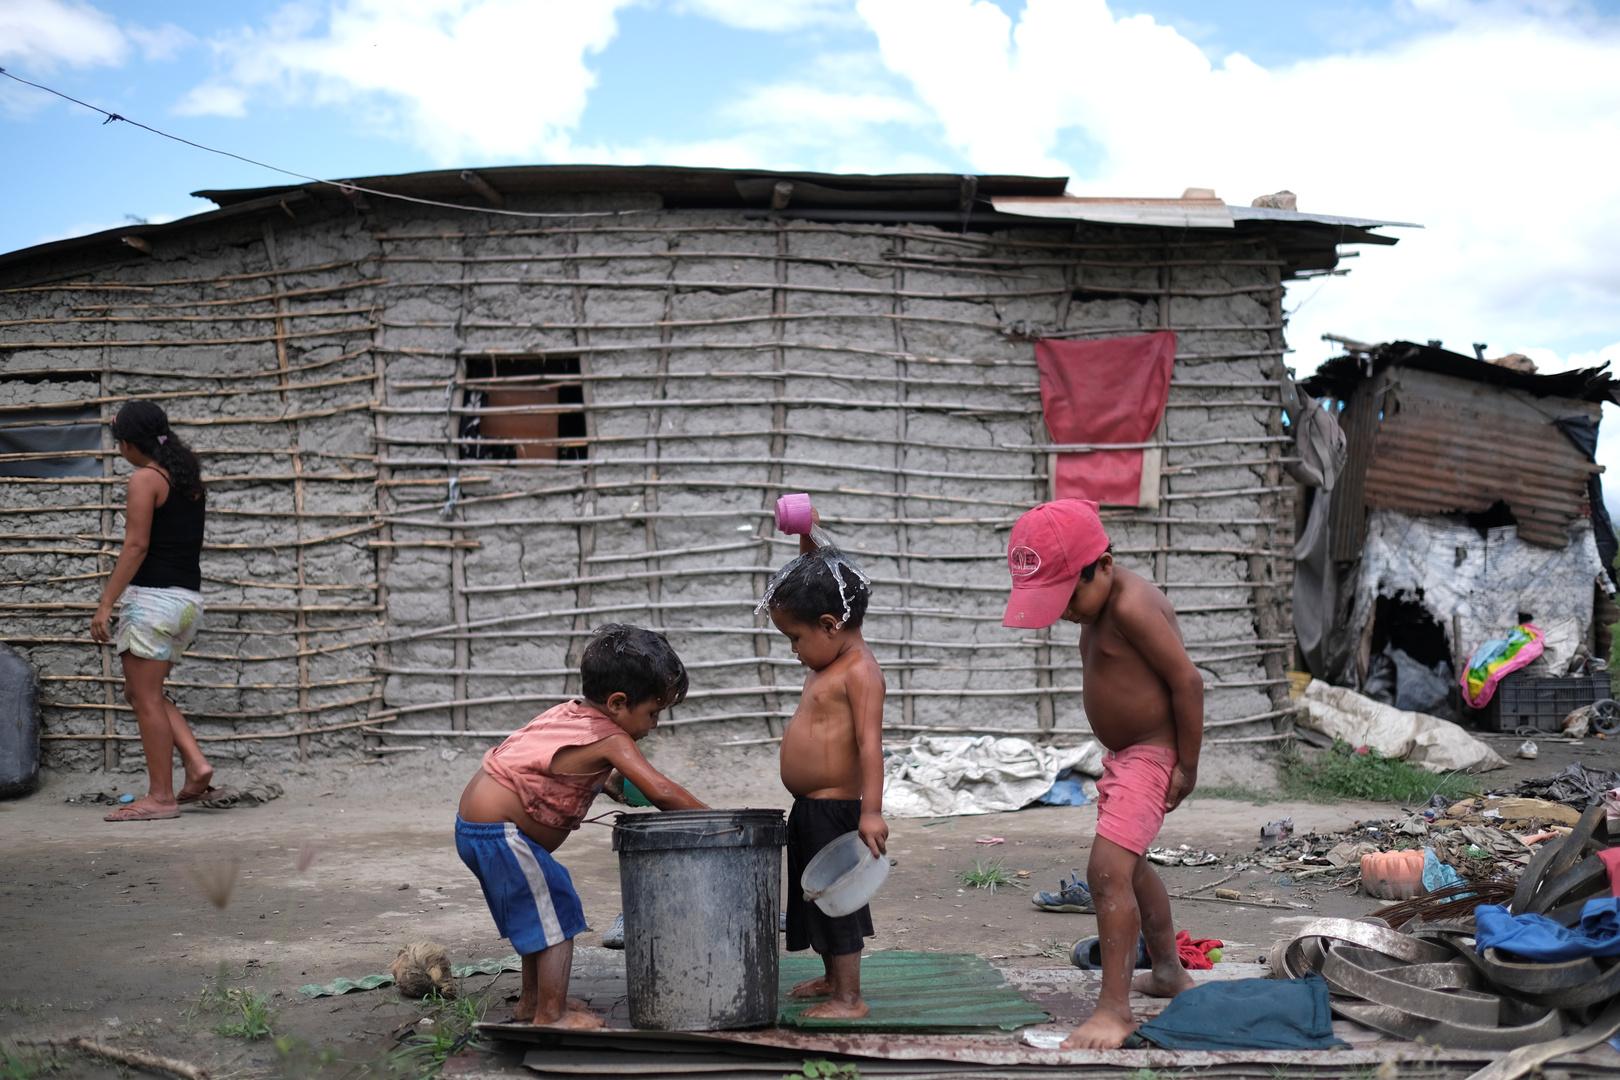 اليونيسف: جائحة كورونا جعلت 150 مليون طفل إضافي يقعون في براثن الفقر